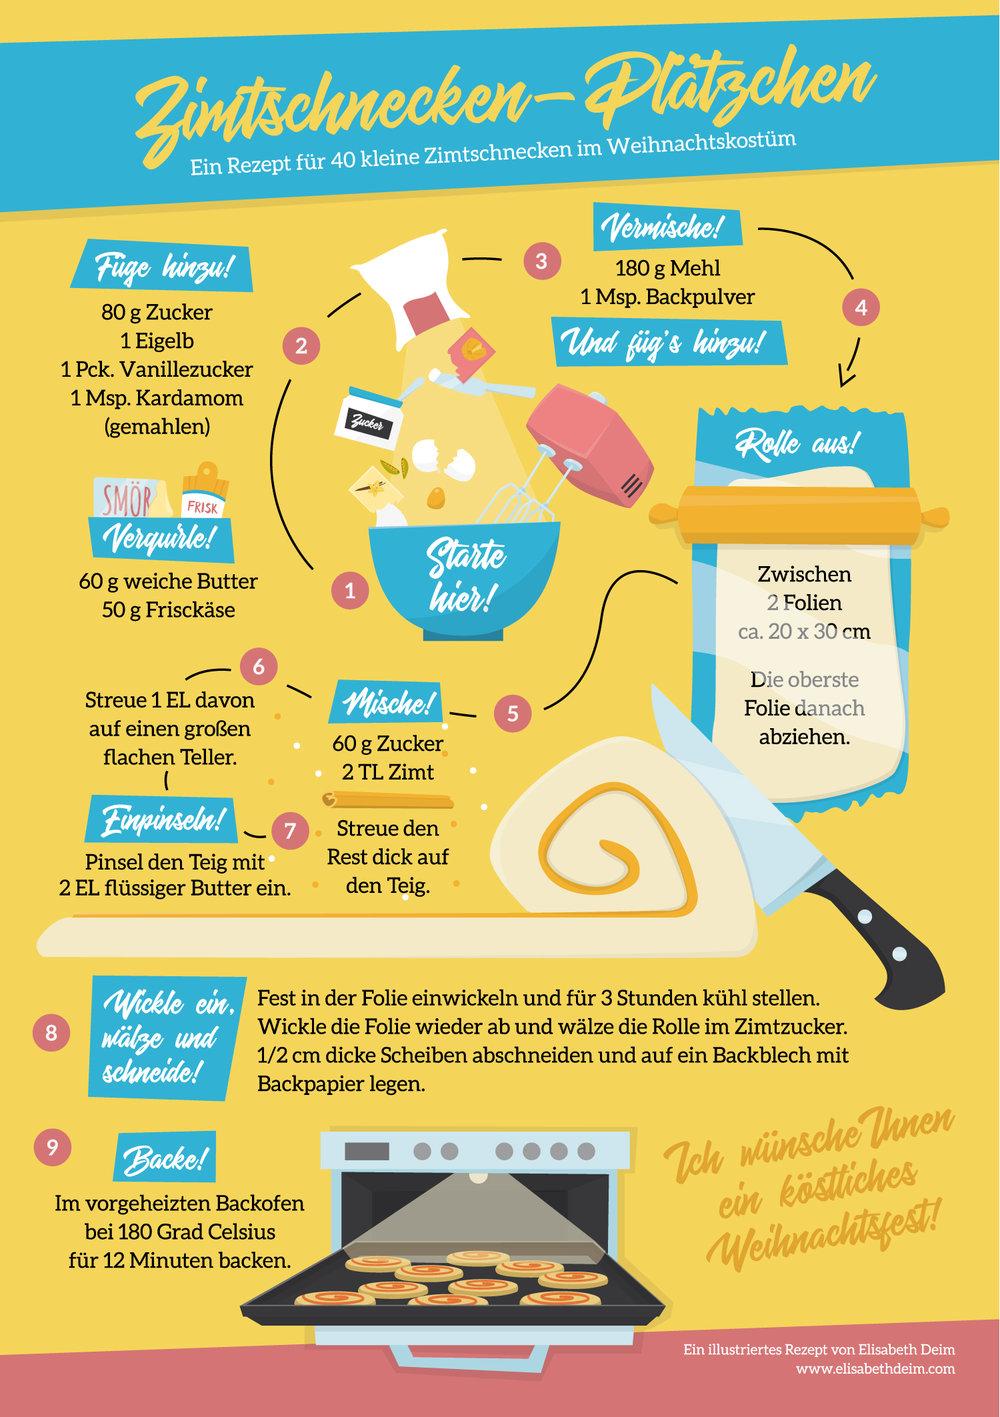 Infografik mit Rezept für Zimtschneckenplätzchen